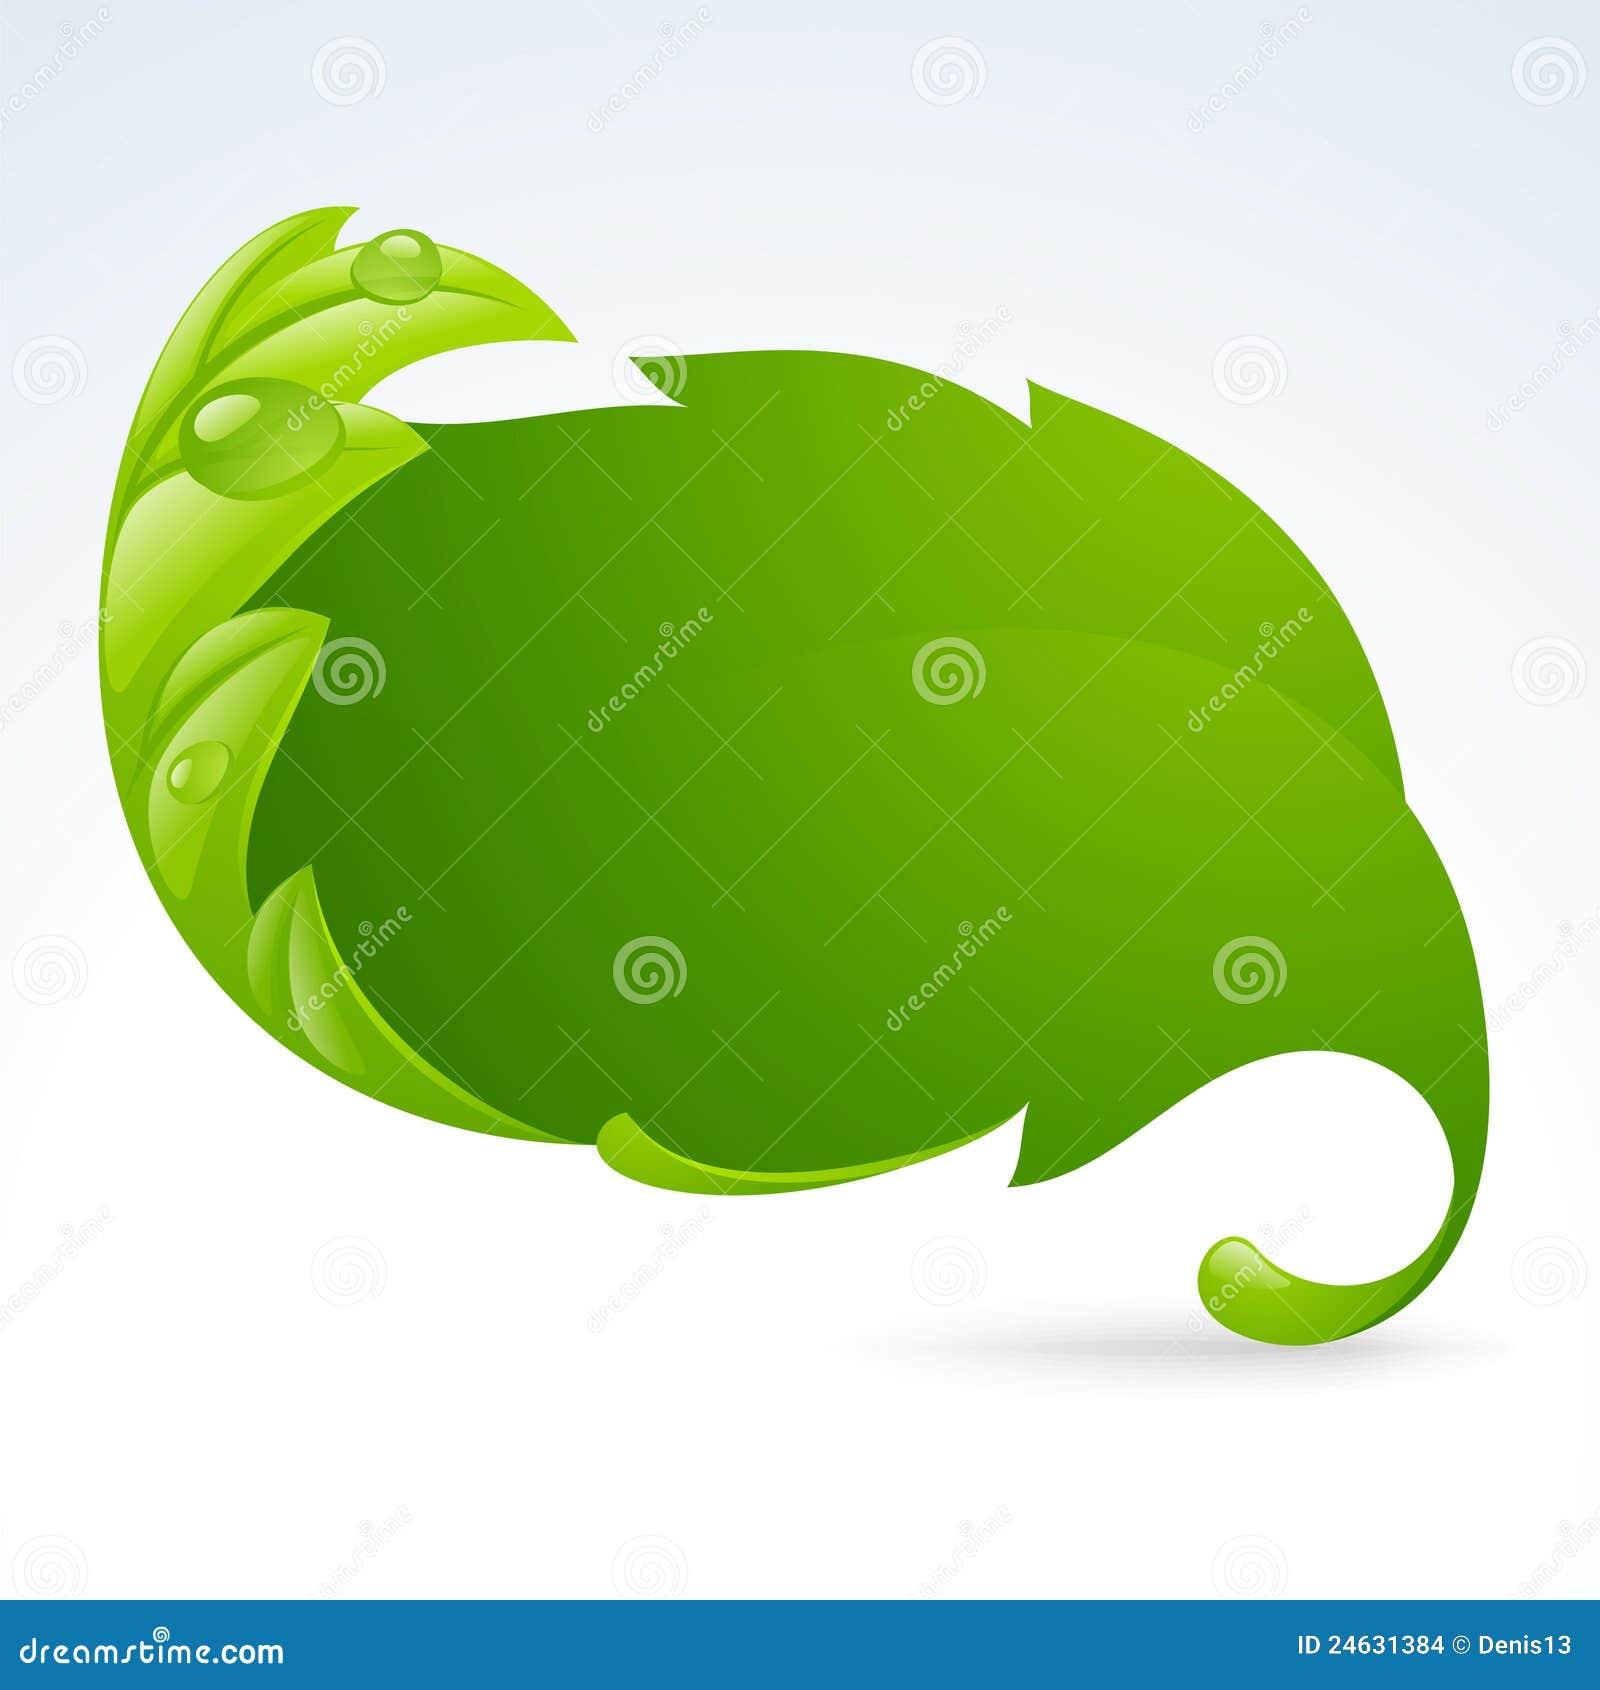 Vector green leaf frame, spring background 3